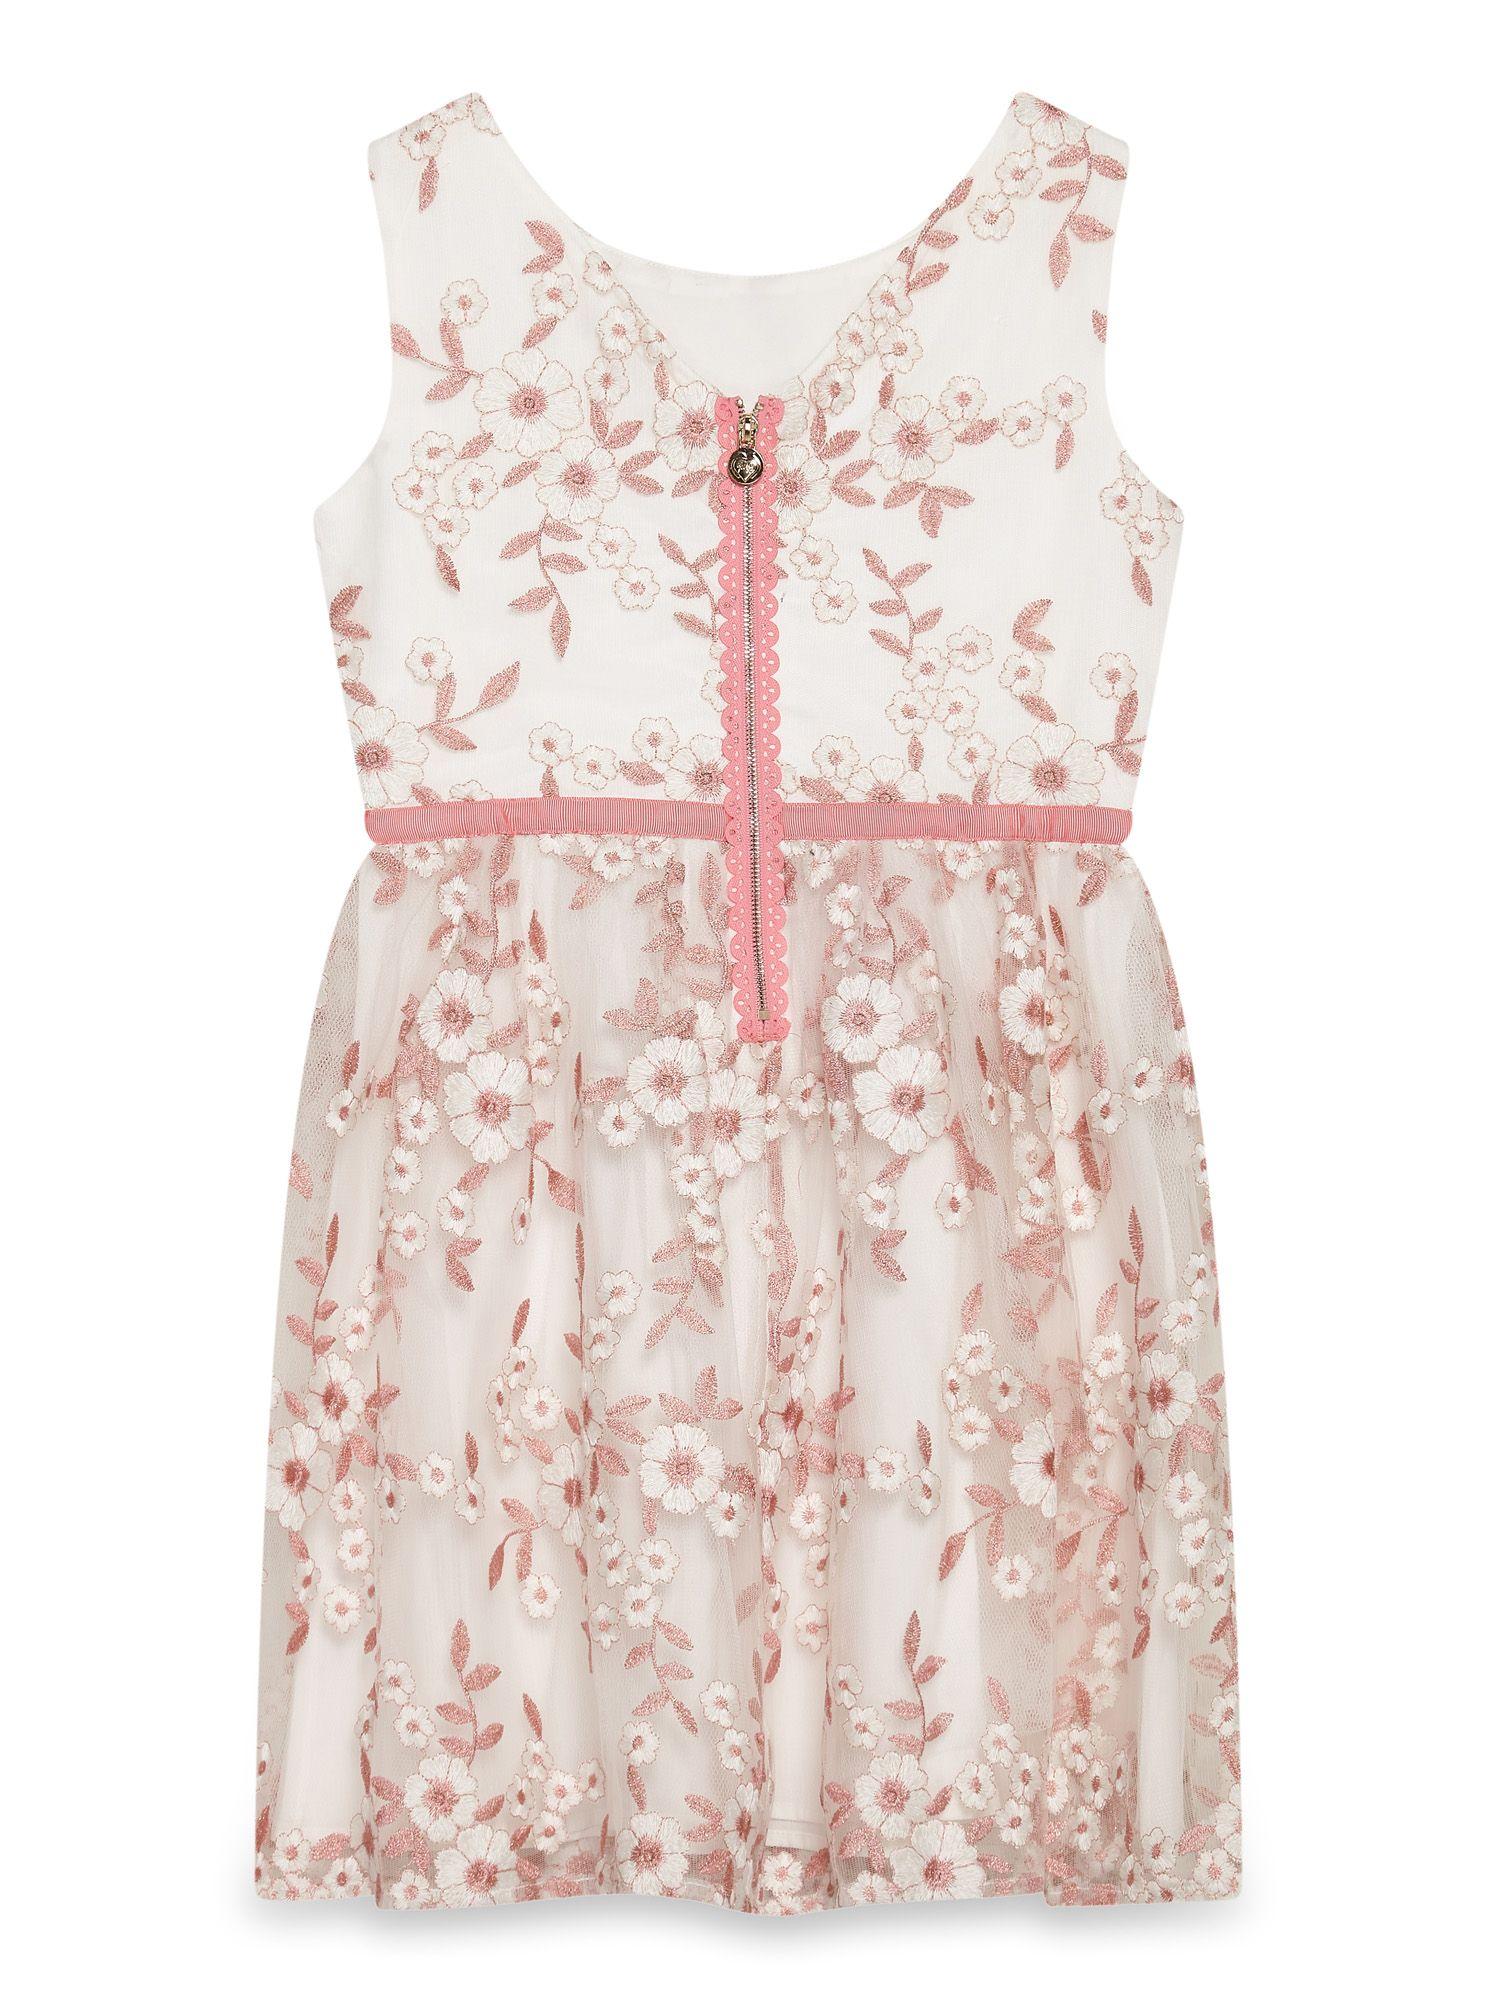 Spring Blossom Prom Dress